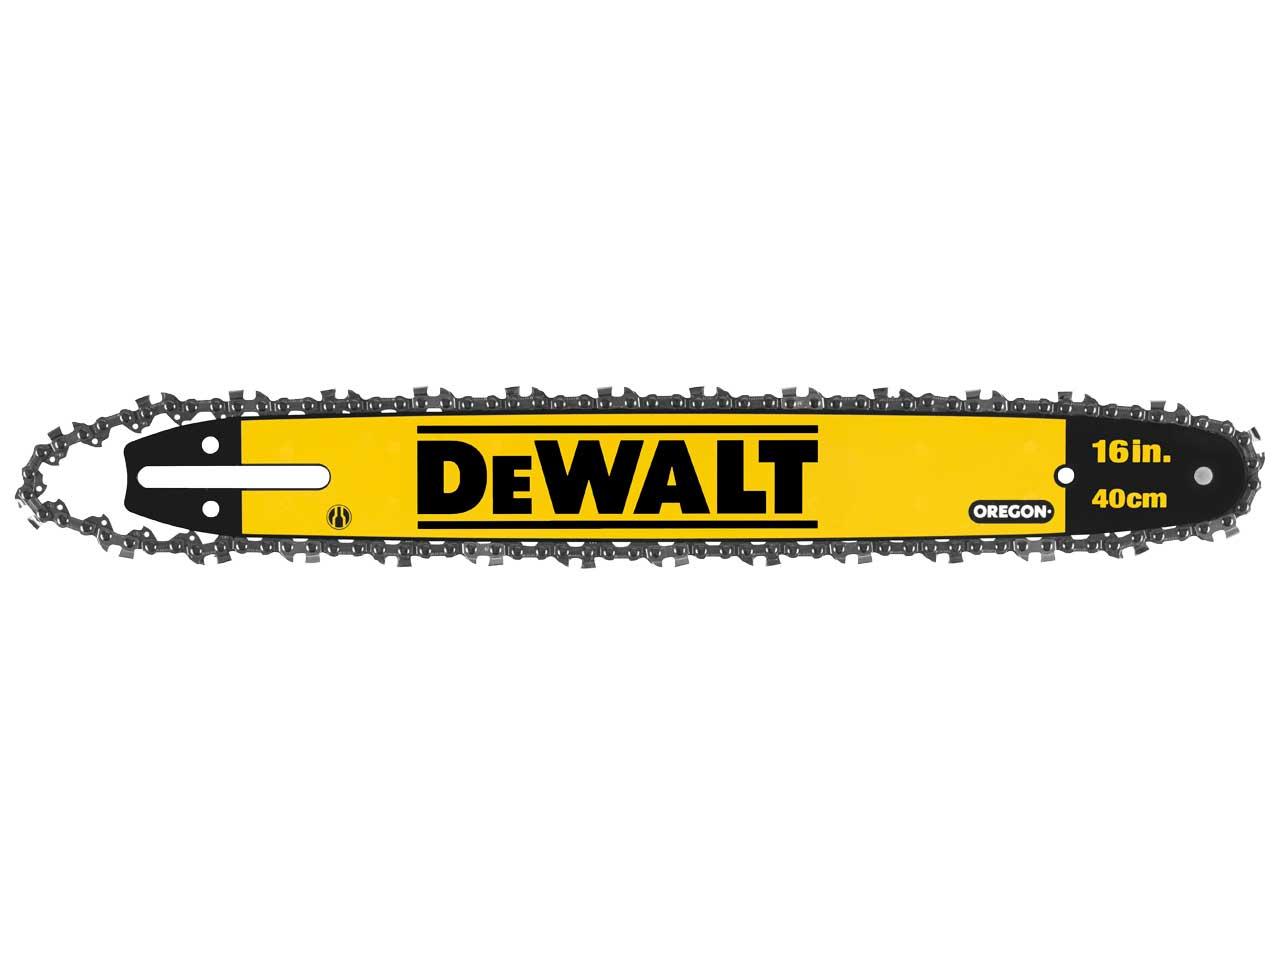 DeWalt_DT20660.jpg